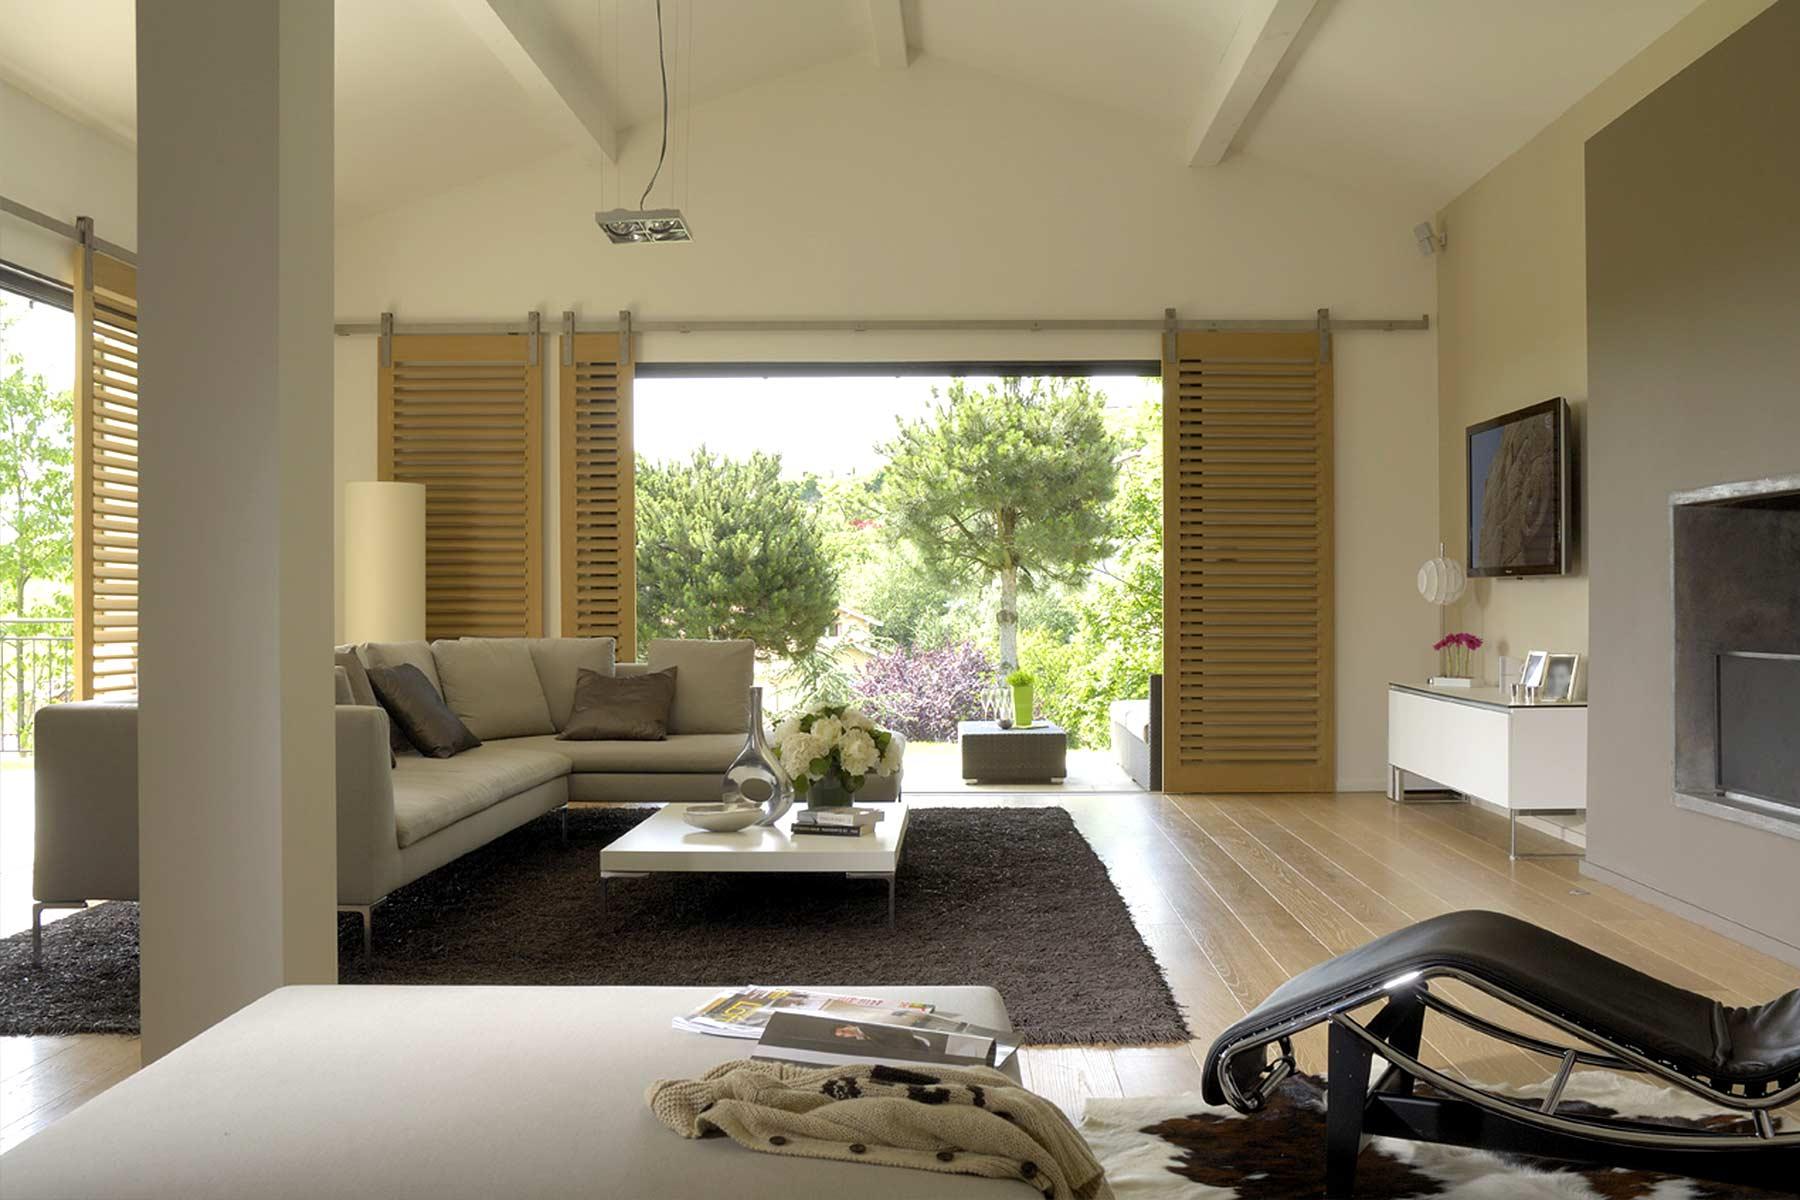 interieurs deco decoration interieur idee nouvel essence